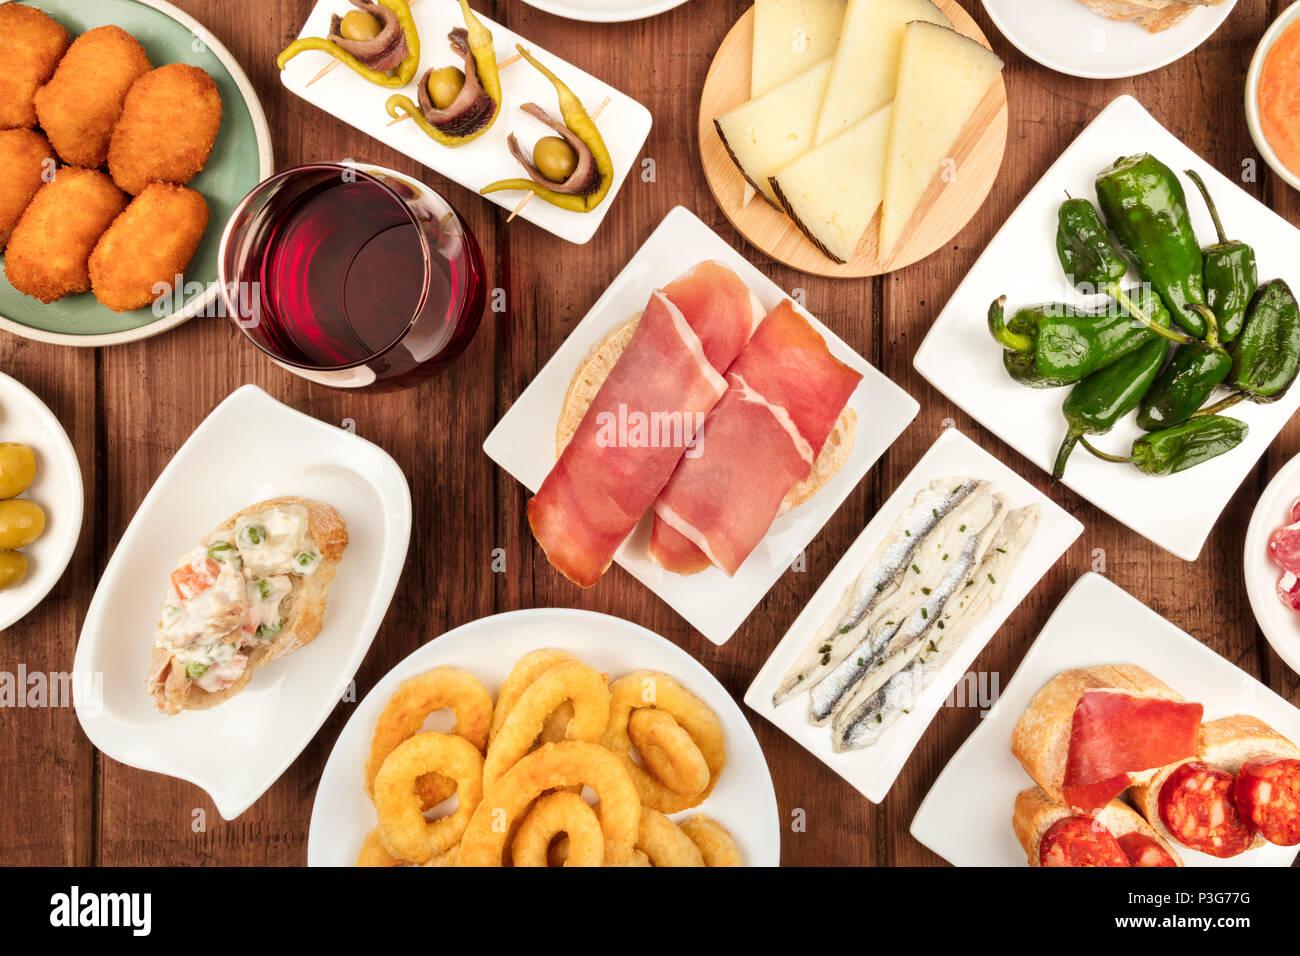 Das Essen von Spanien. Ein Foto von verschiedenen spanischen Tapas, geschossen von oben auf einen dunklen rustikalen Textur. Schinken, Käse, Wein, Oliven, Kroketten, Cala Stockbild